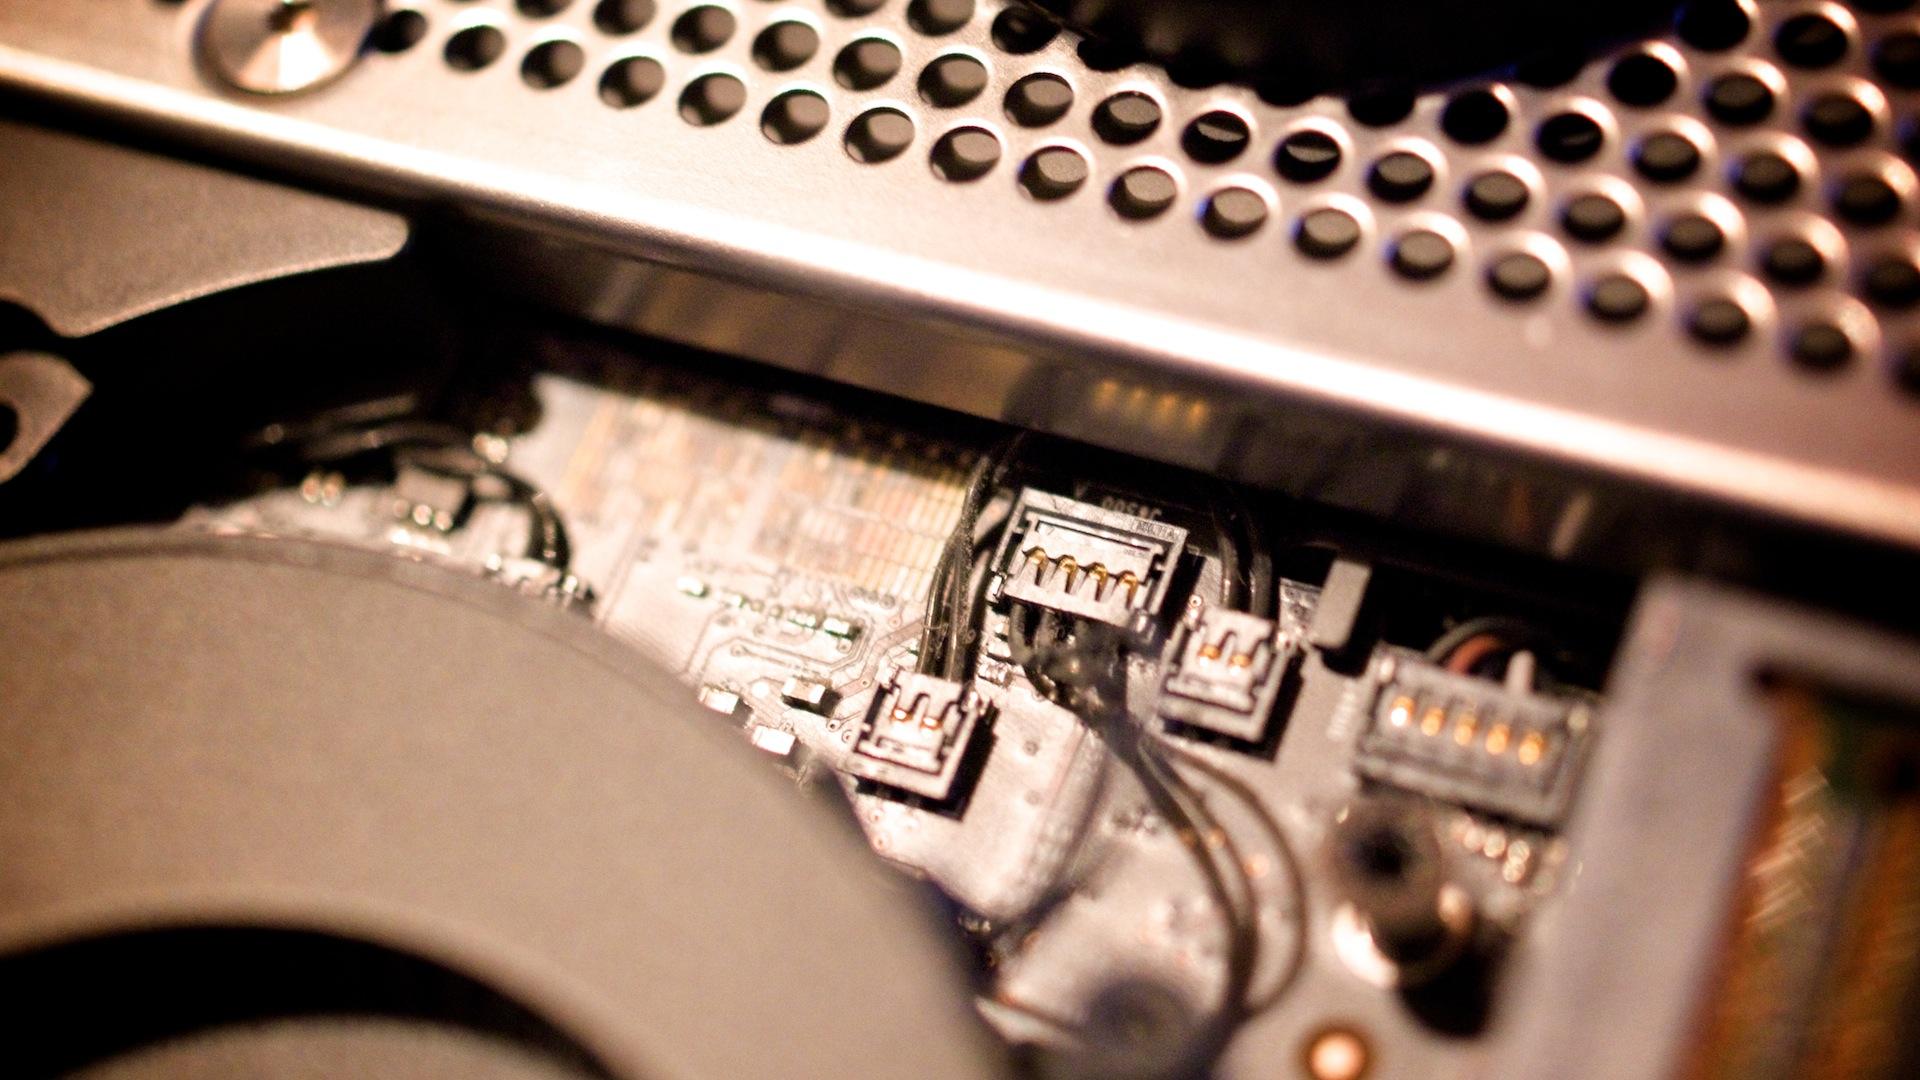 Plextor M5S SSD in Macmini2010 1130